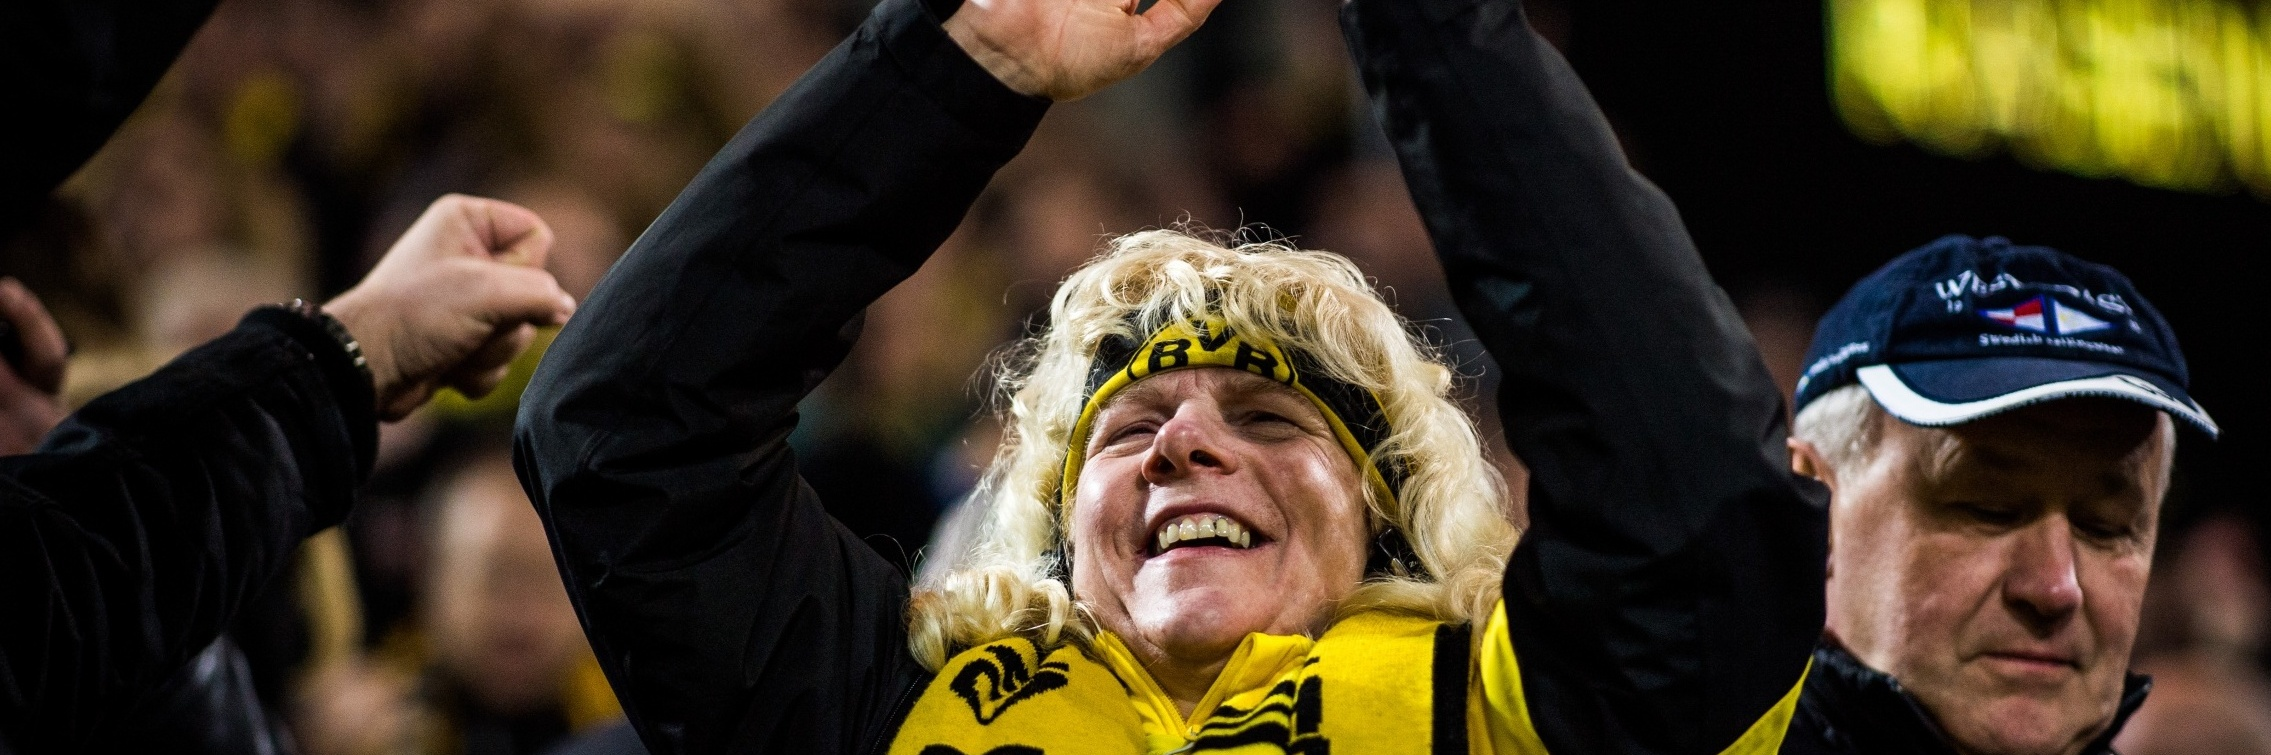 blinde Anhängerin von Borussia Dortmund freut sich, klatscht mit den Händern über dem Kopf. Sie ist mit einem Dortmund Trikot und Schal bekleidet.